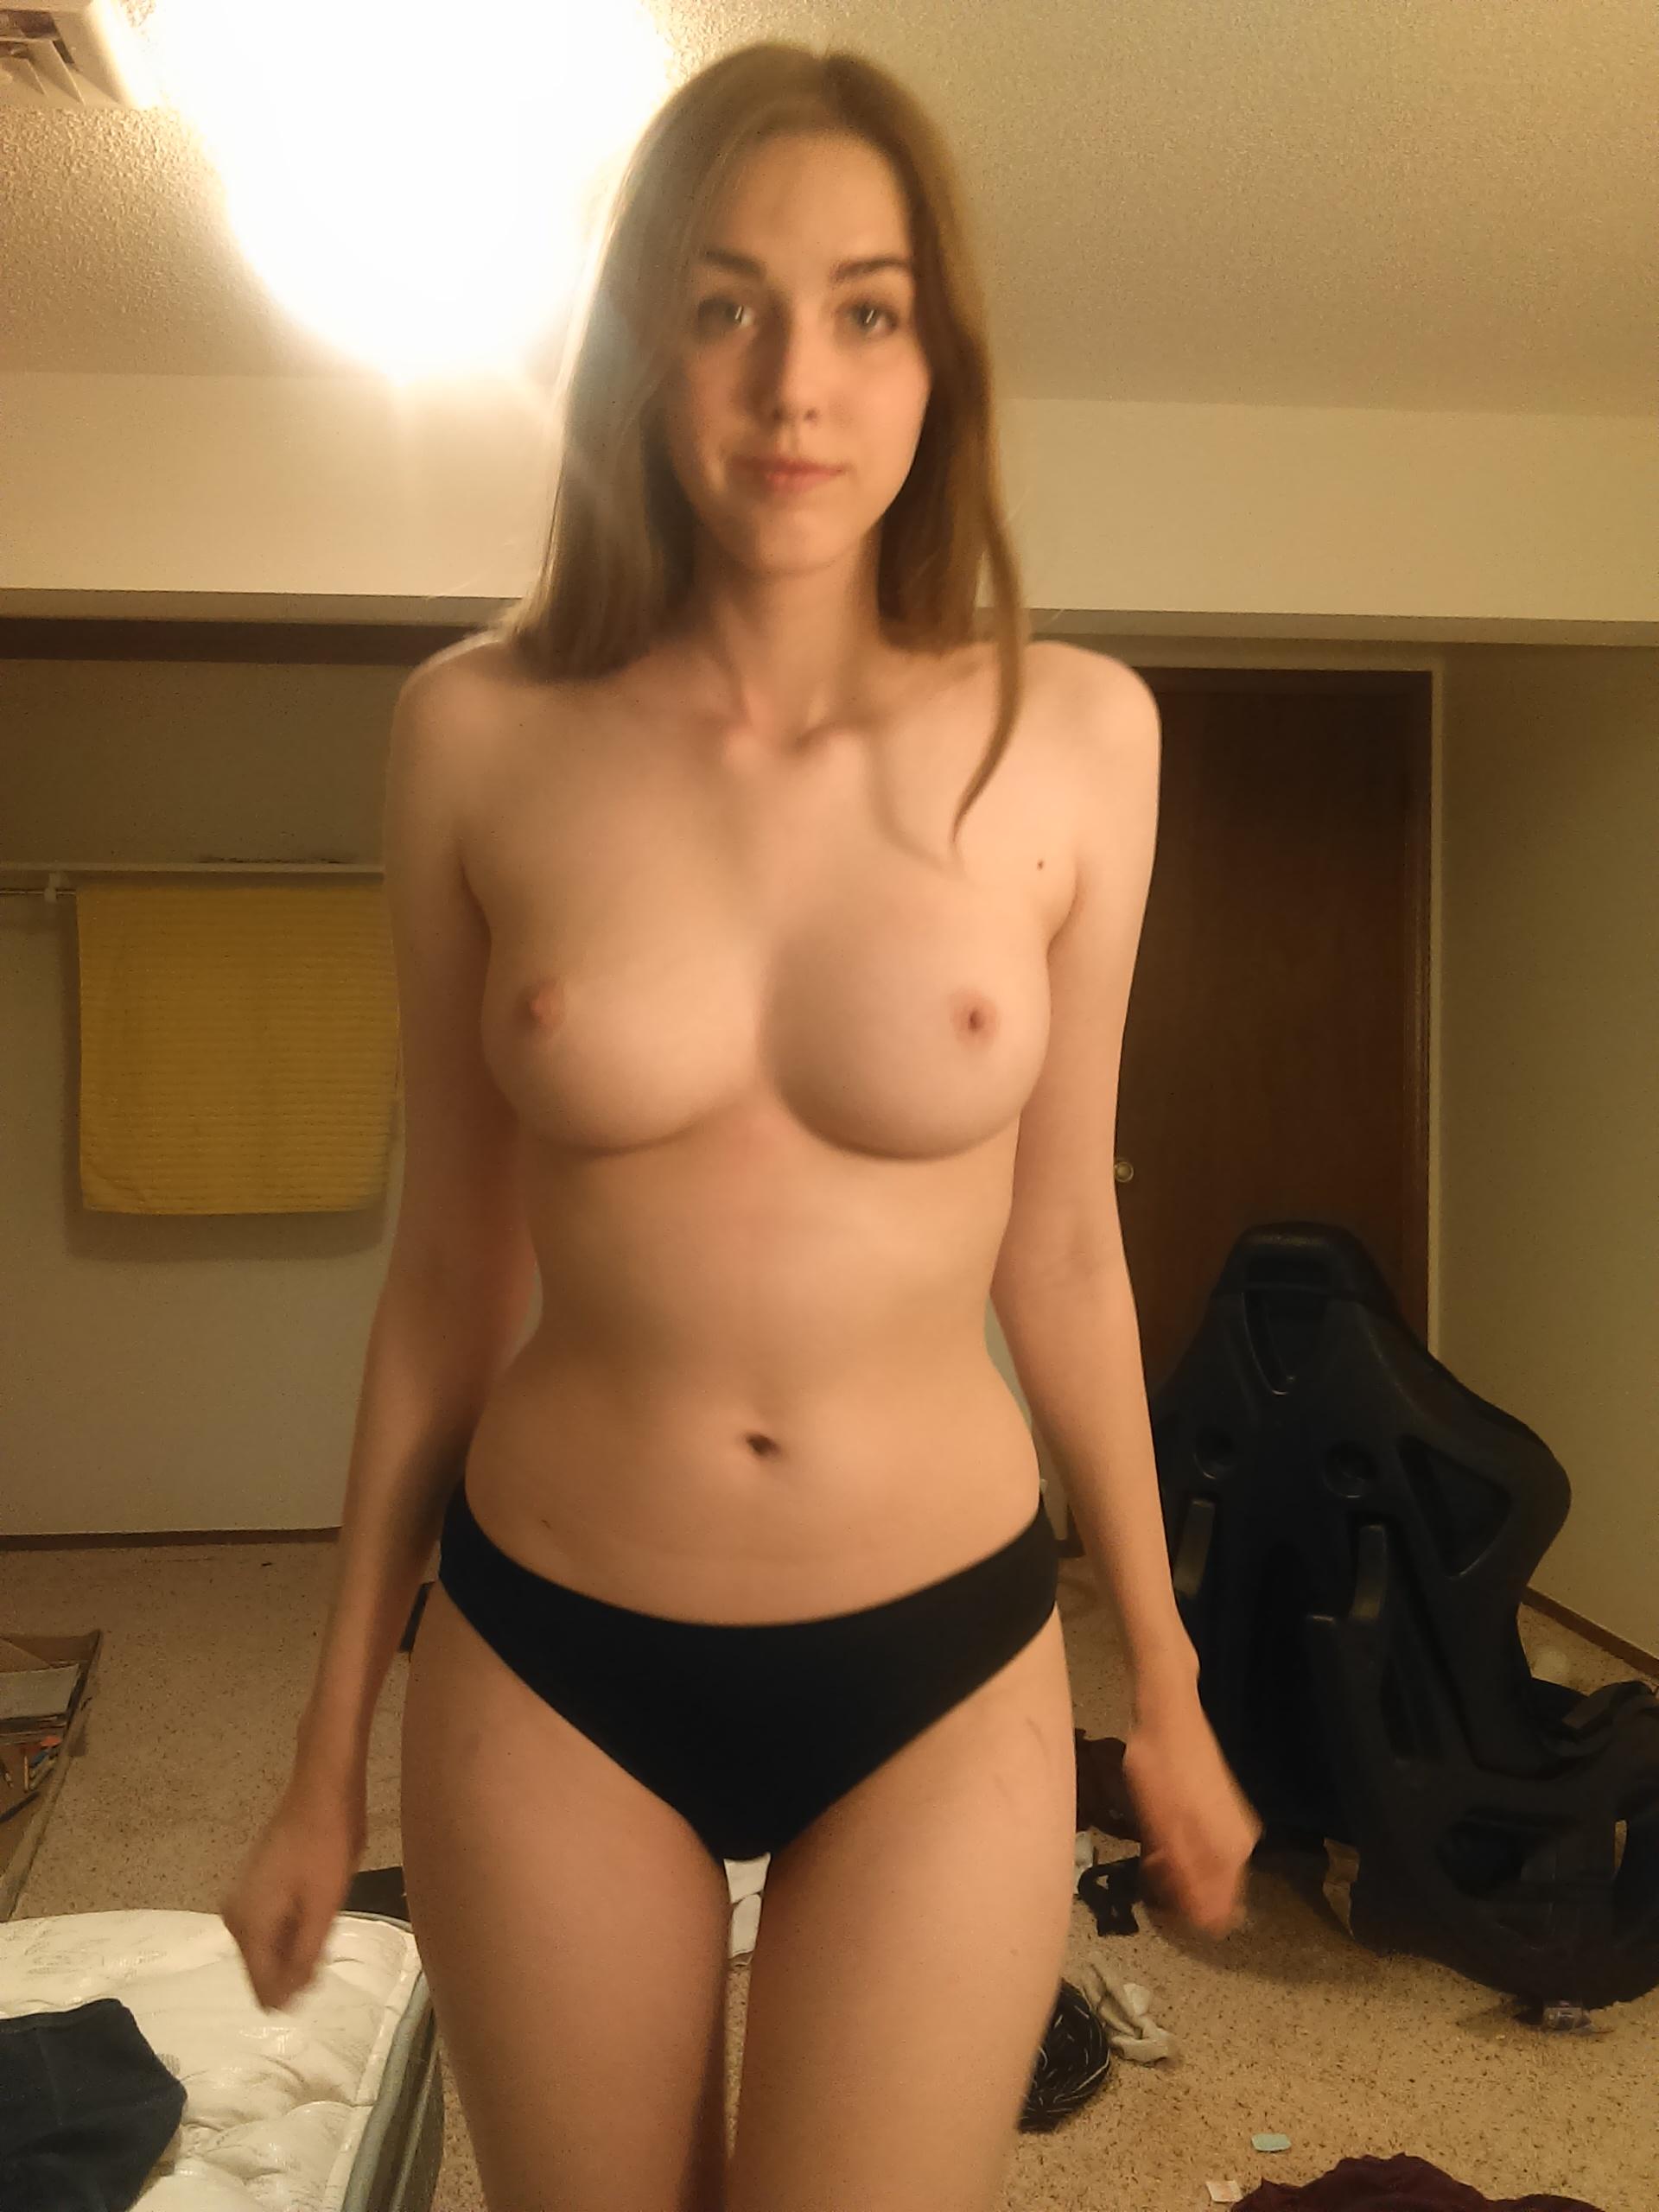 My boobs are tiny